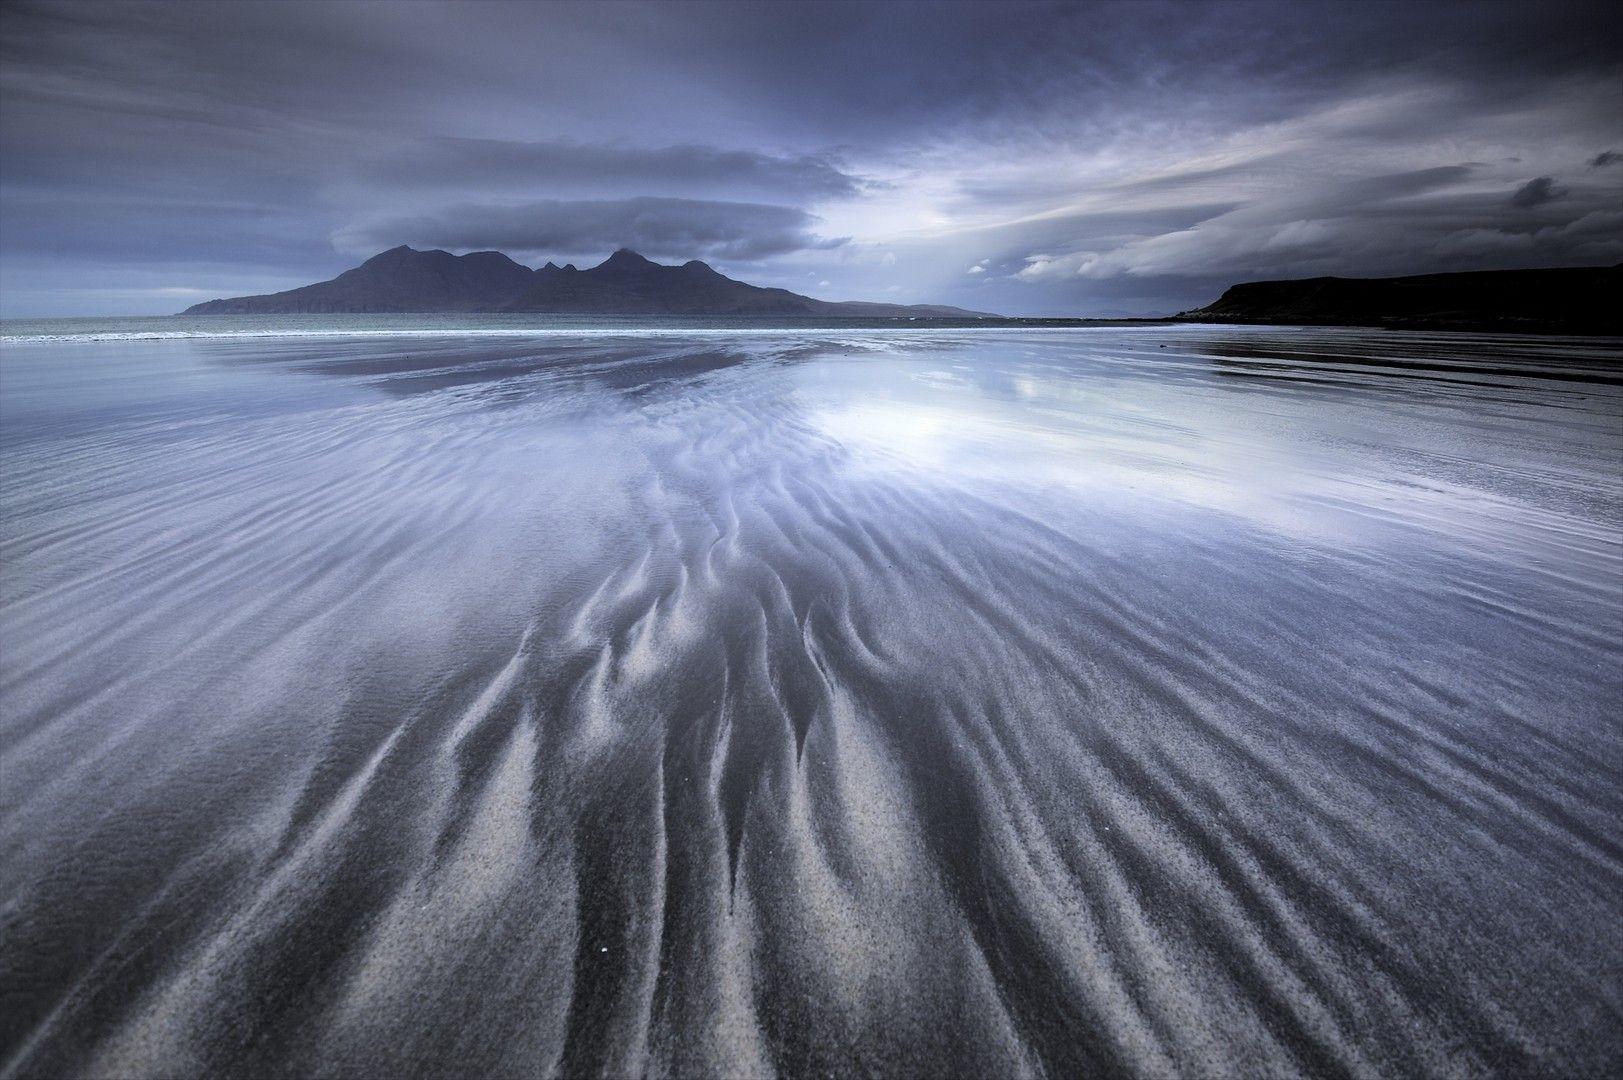 L'Écosse, ses côtes exceptionnelles et ses flots majestueux | National Geographic